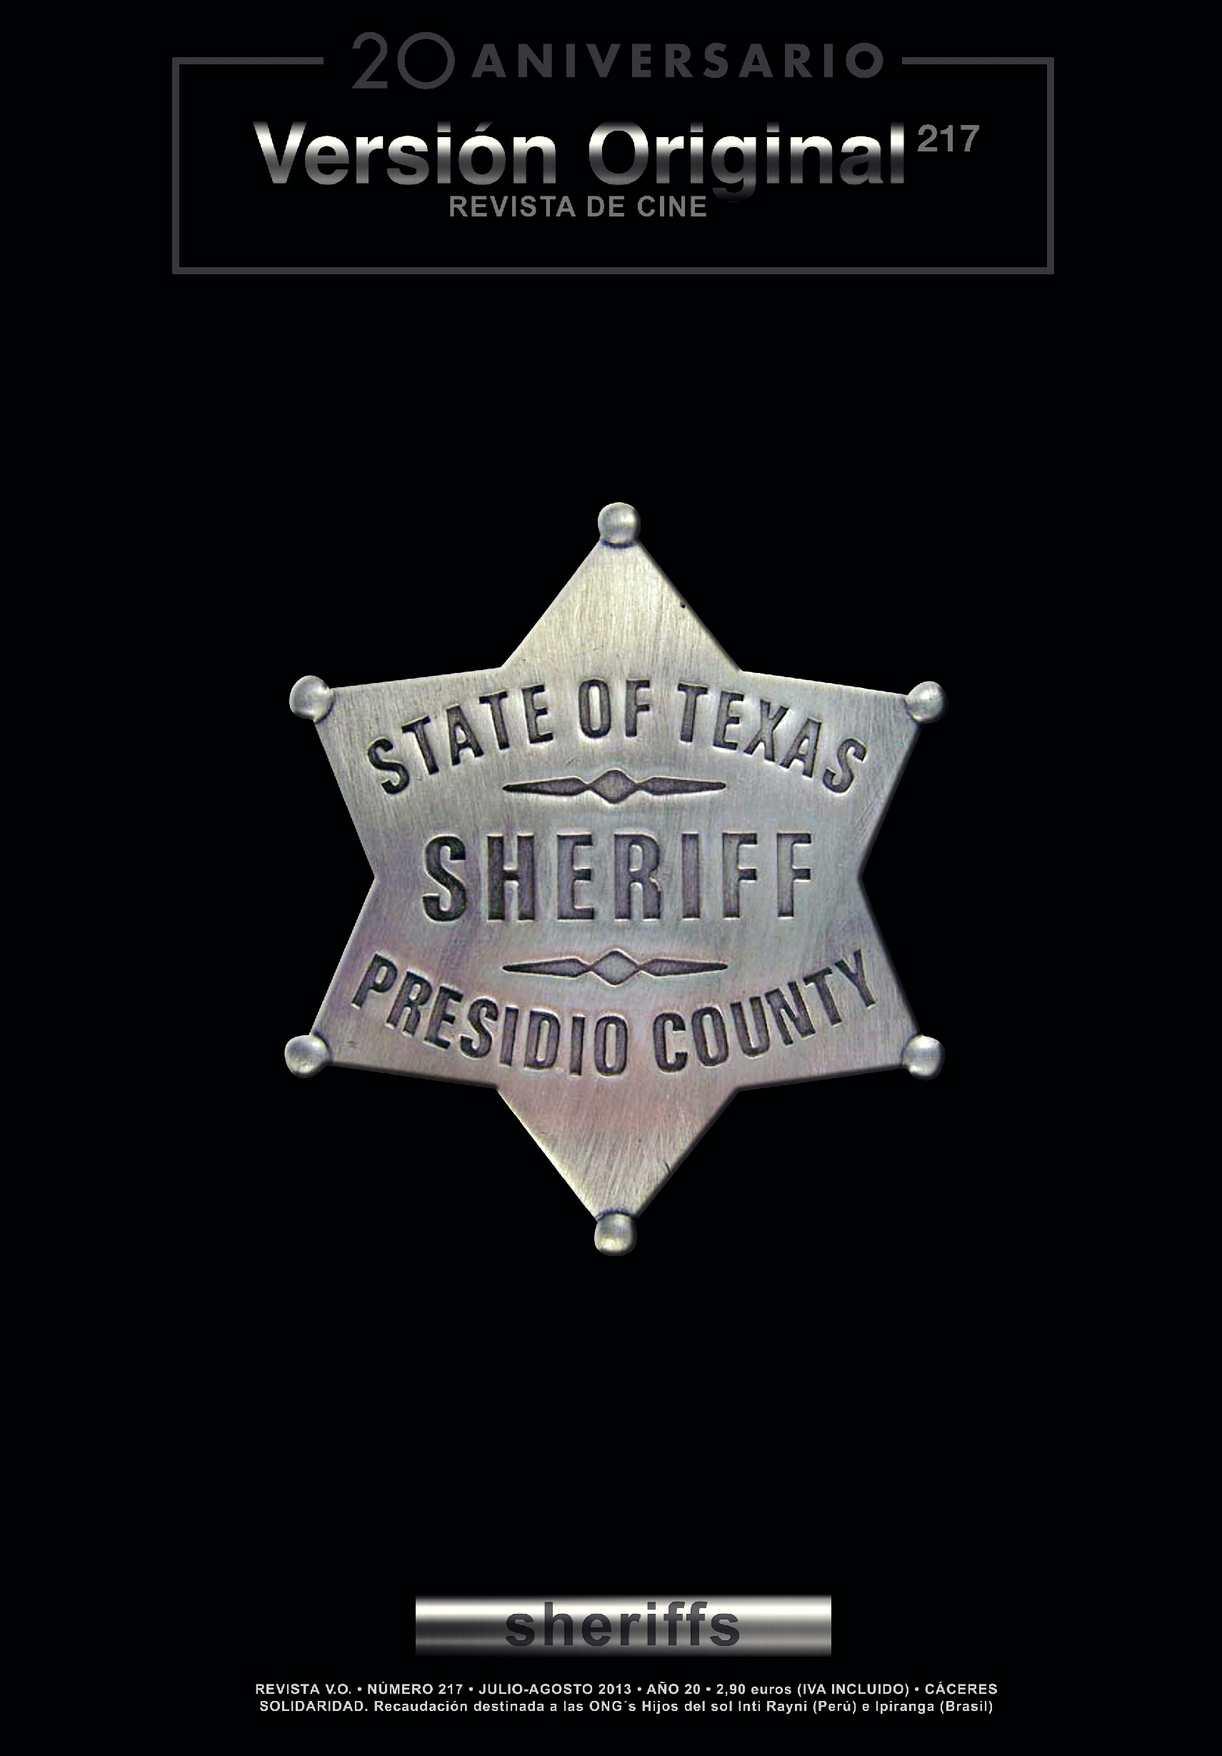 Revista de Cine Versión Original 217. Sheriffs